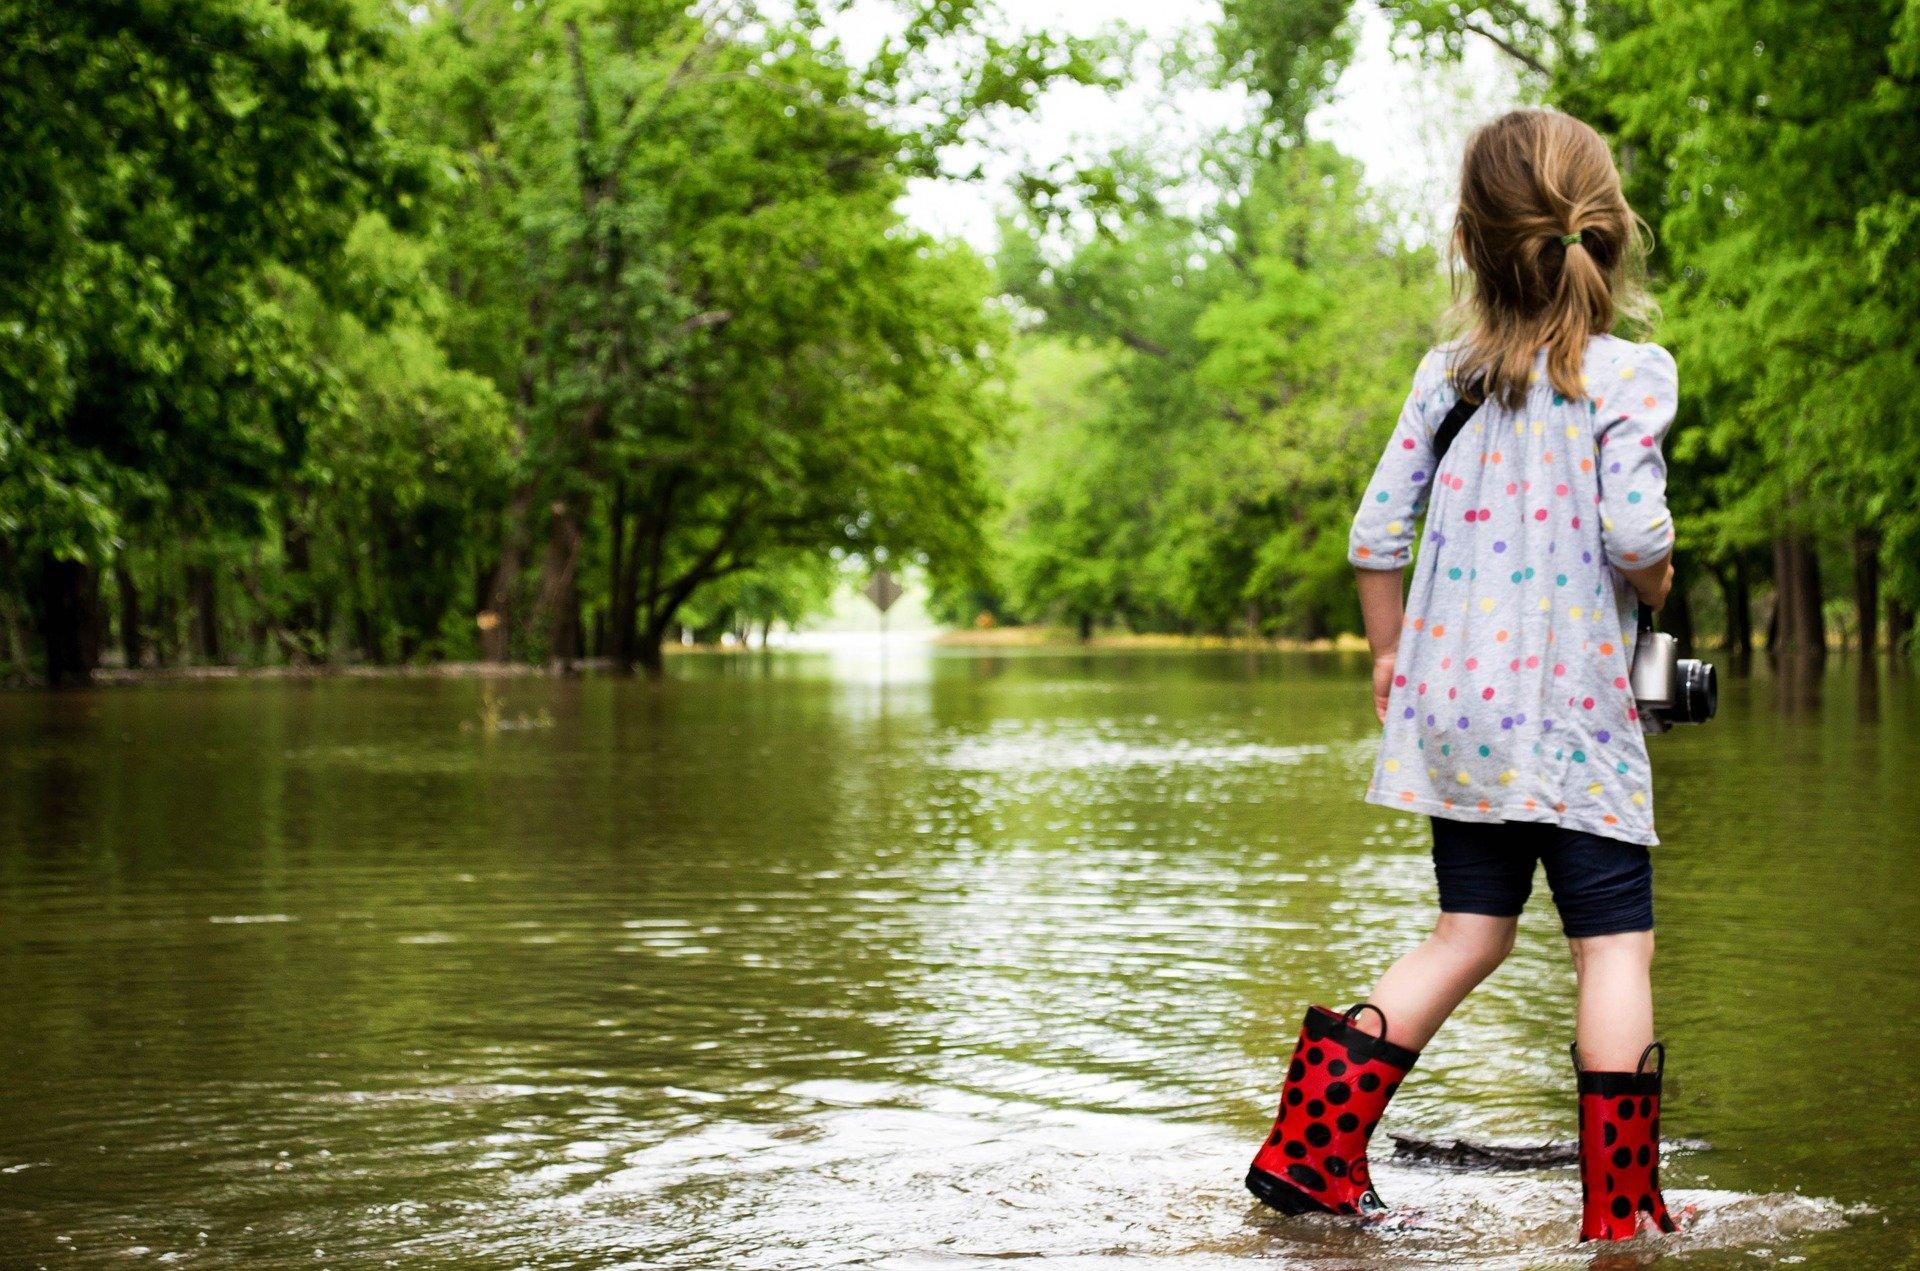 Hochwasser, Katastrophe, Kinderträume, Spenden: ETL-Stiftung Kinderträume: Hochwasserkatastrophe in Deutschland – Wir helfen den Kleinsten